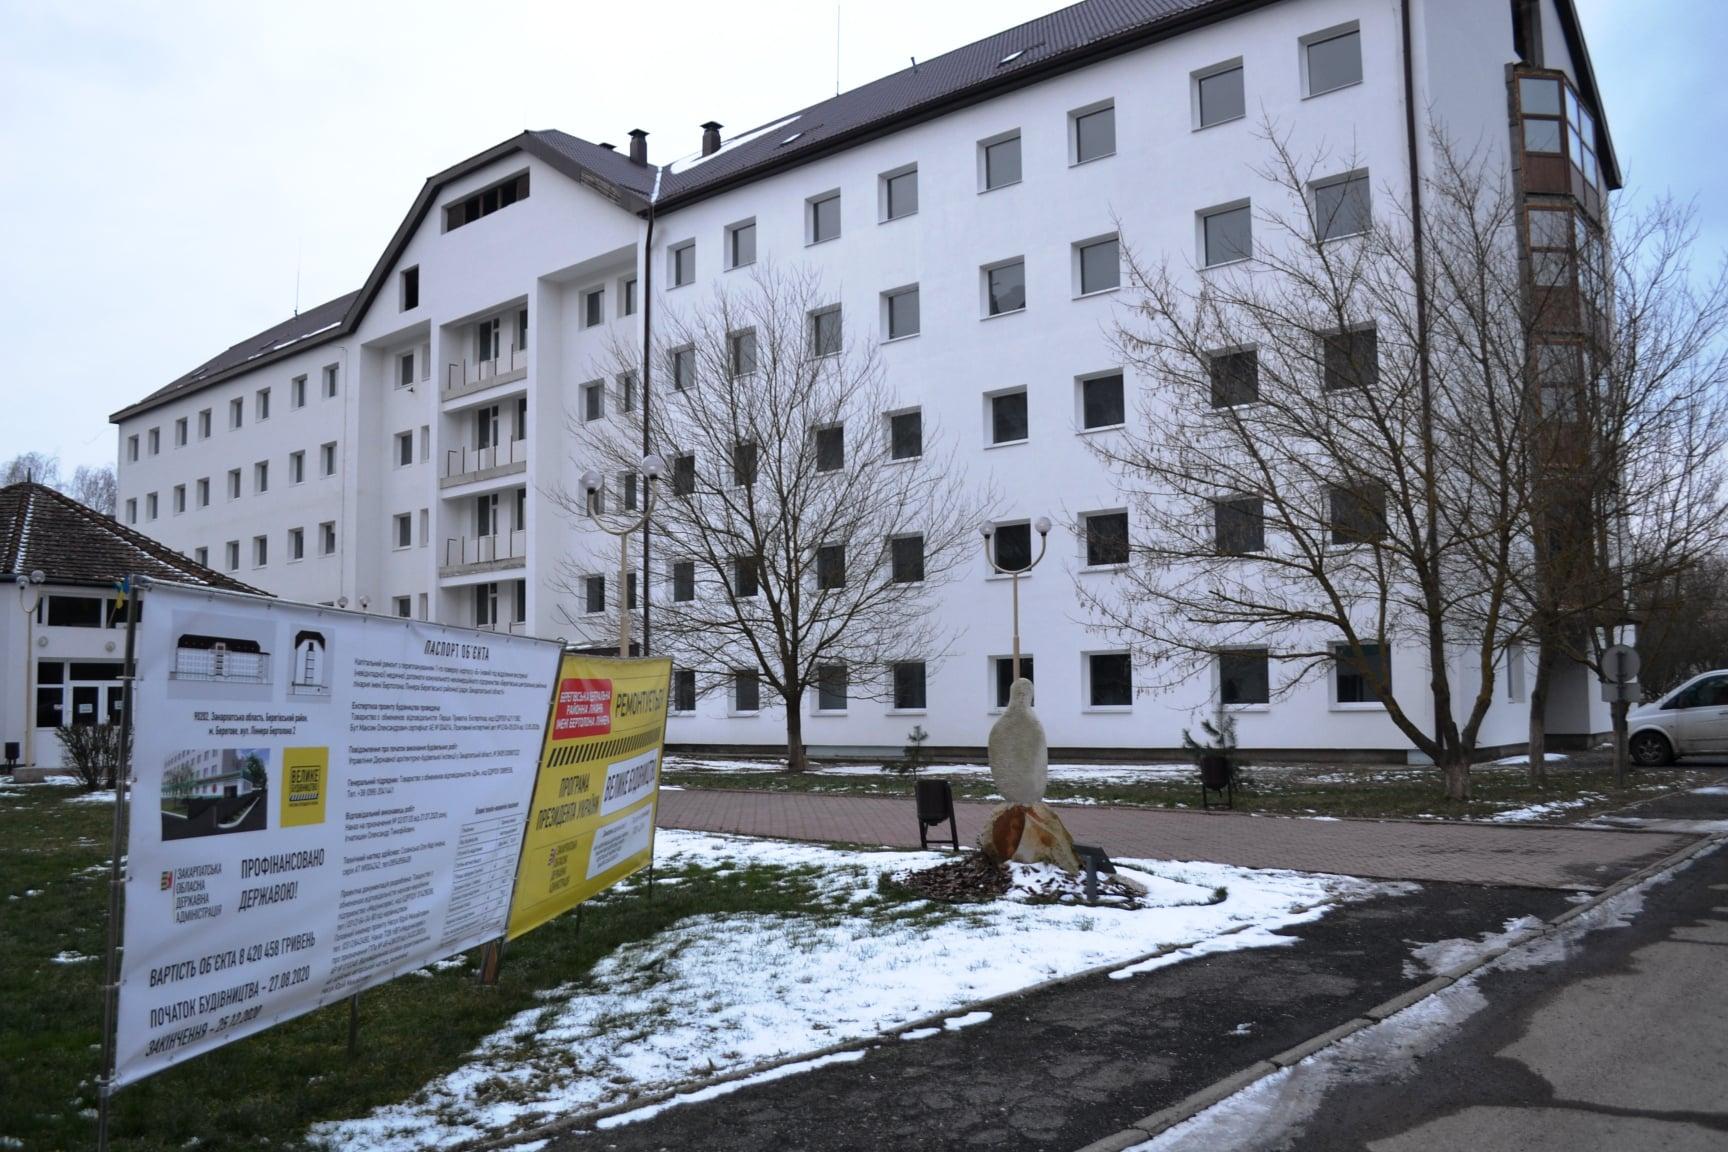 Заступник голови Закарпатської ОДА Іштван Петрушка провів нараду щодо будівництва (коригування) корпусу